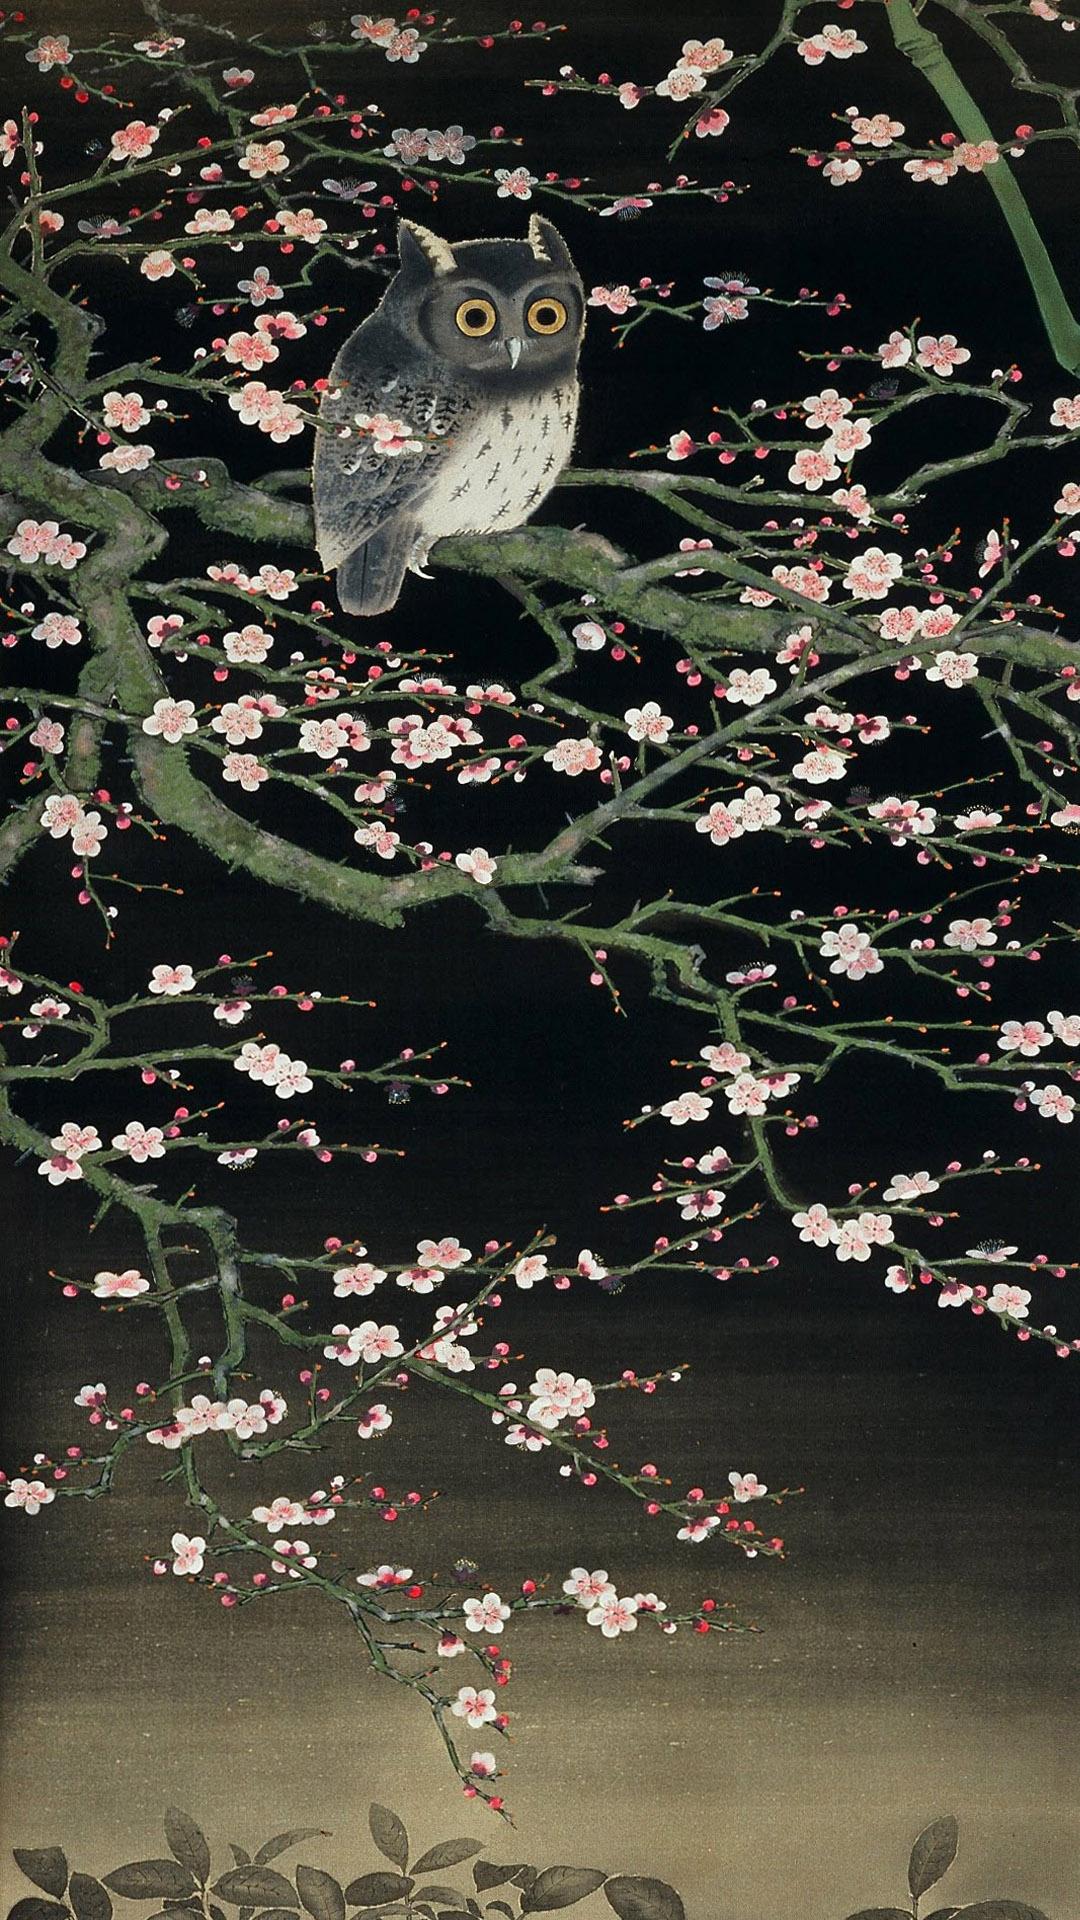 Omoda seiju - Haru no yoru 1080x1920 2